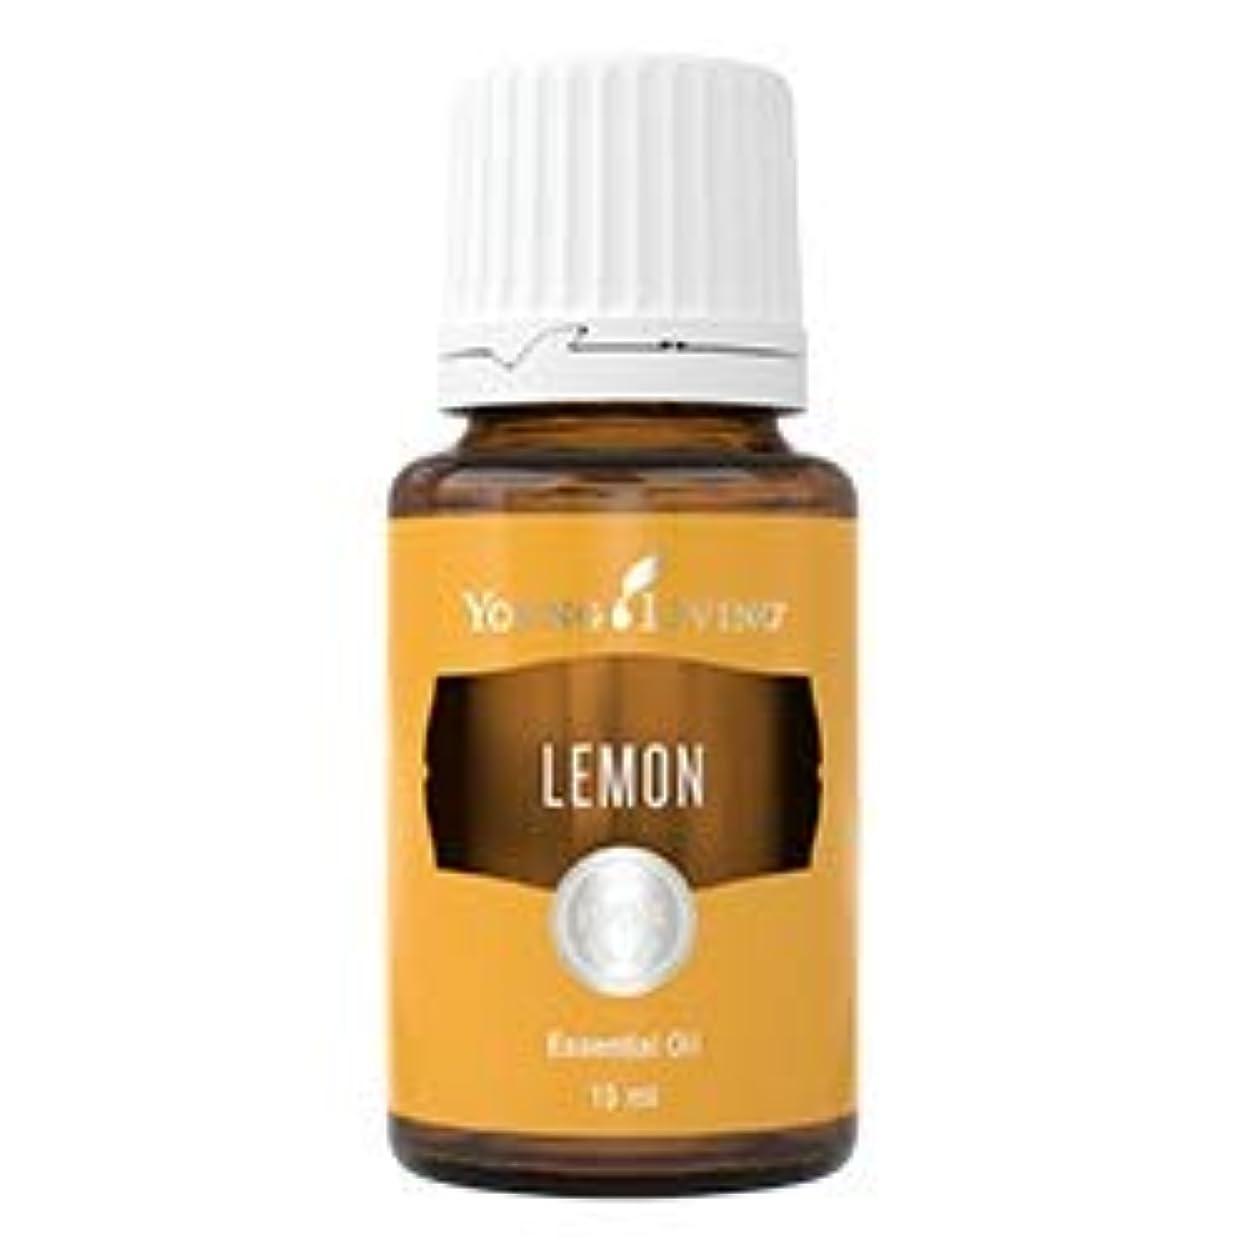 注入クッション反逆レモンエッセンシャルオイル15 ml byヤングリビングエッセンシャルオイルマレーシア Lemon Essential Oil 15 ml by Young Living Essential Oil Malaysia